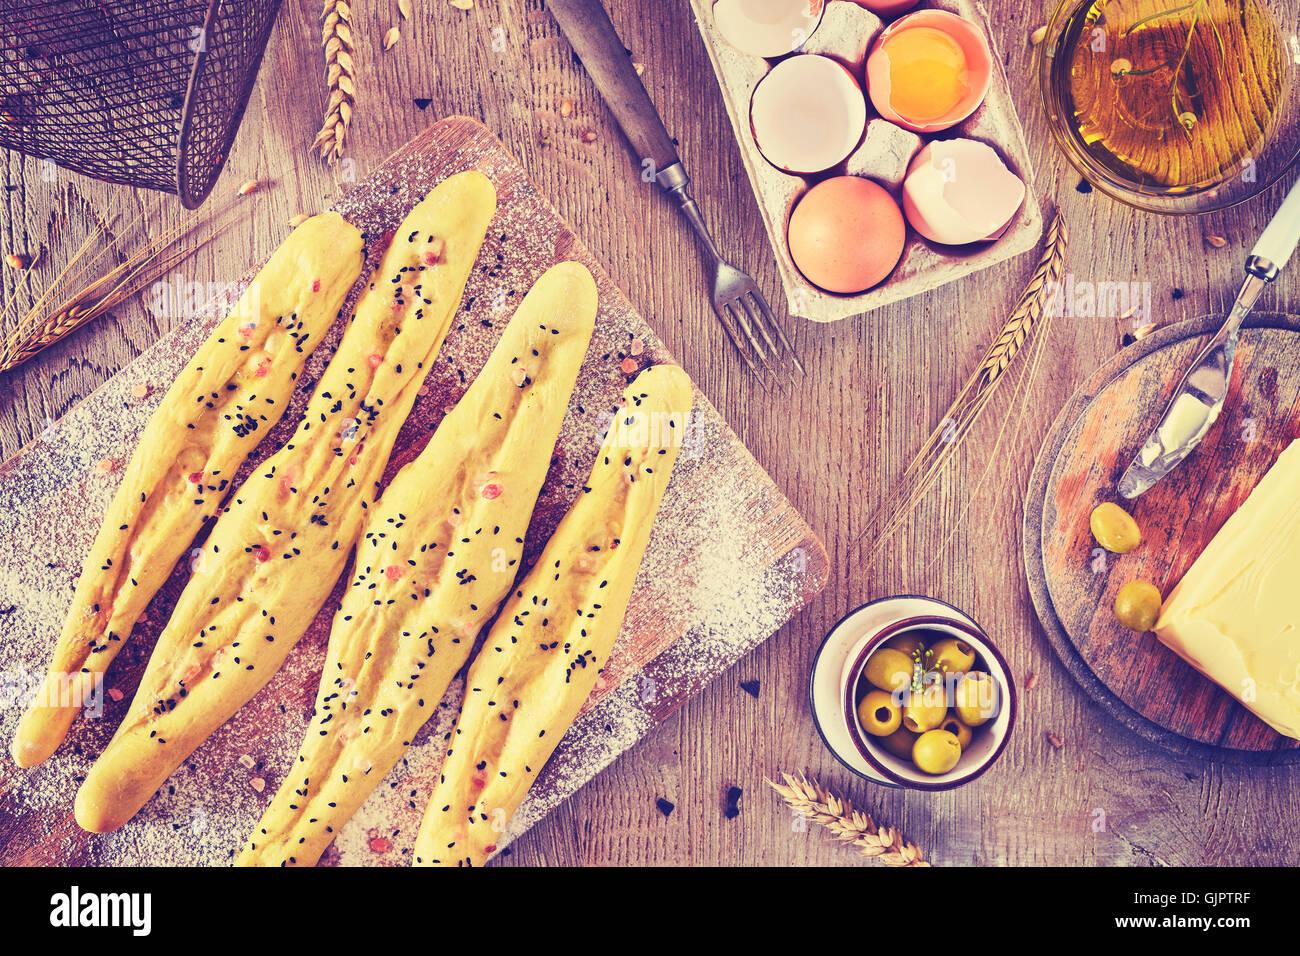 Tonos Vintage Bread Sticks listos para hornear y rústico, en una mesa de madera. Imagen De Stock